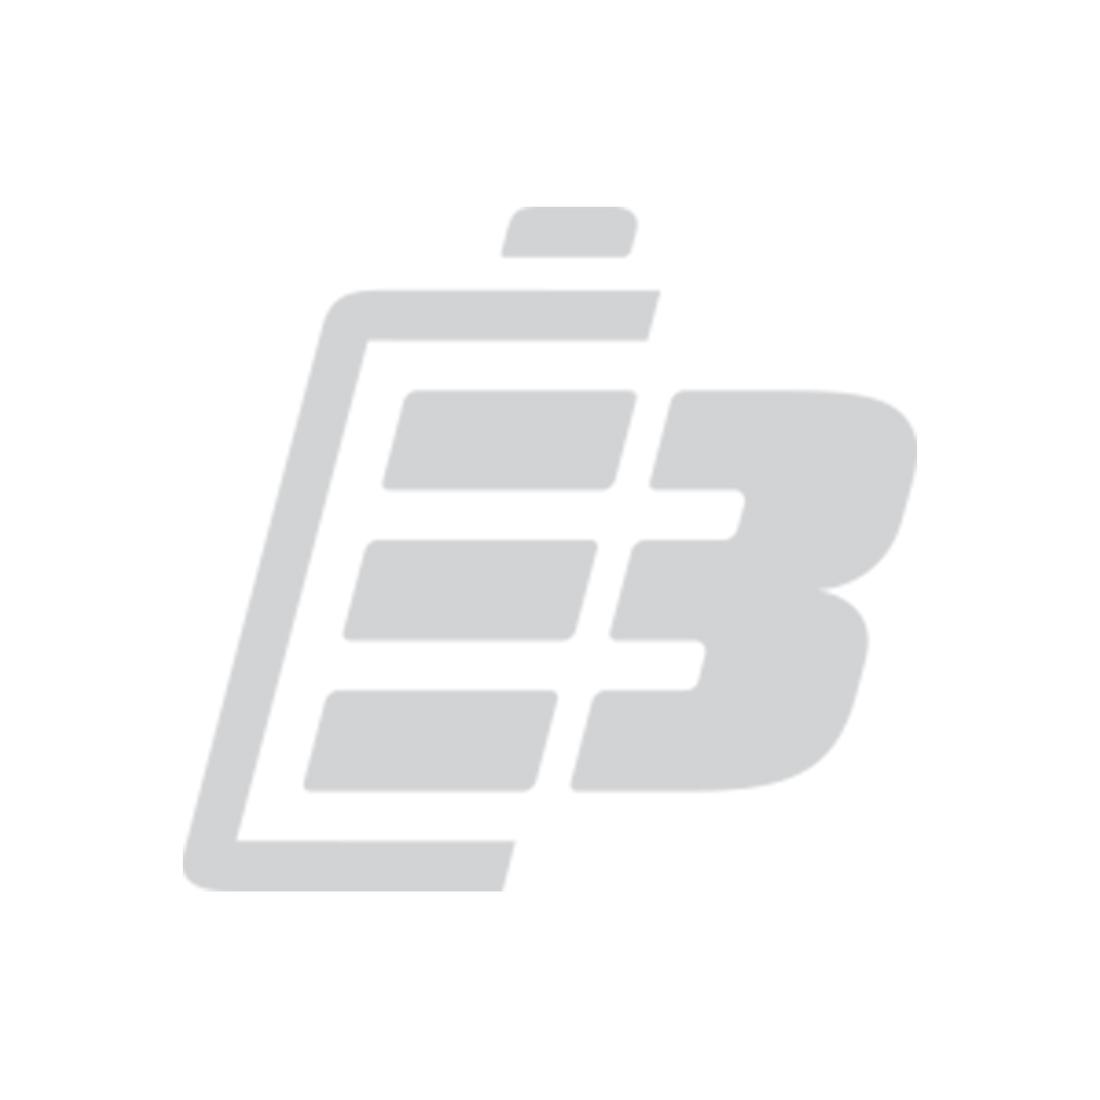 Μπαταρία φωτογραφικής μηχανής Kodak KLIC-7000_1